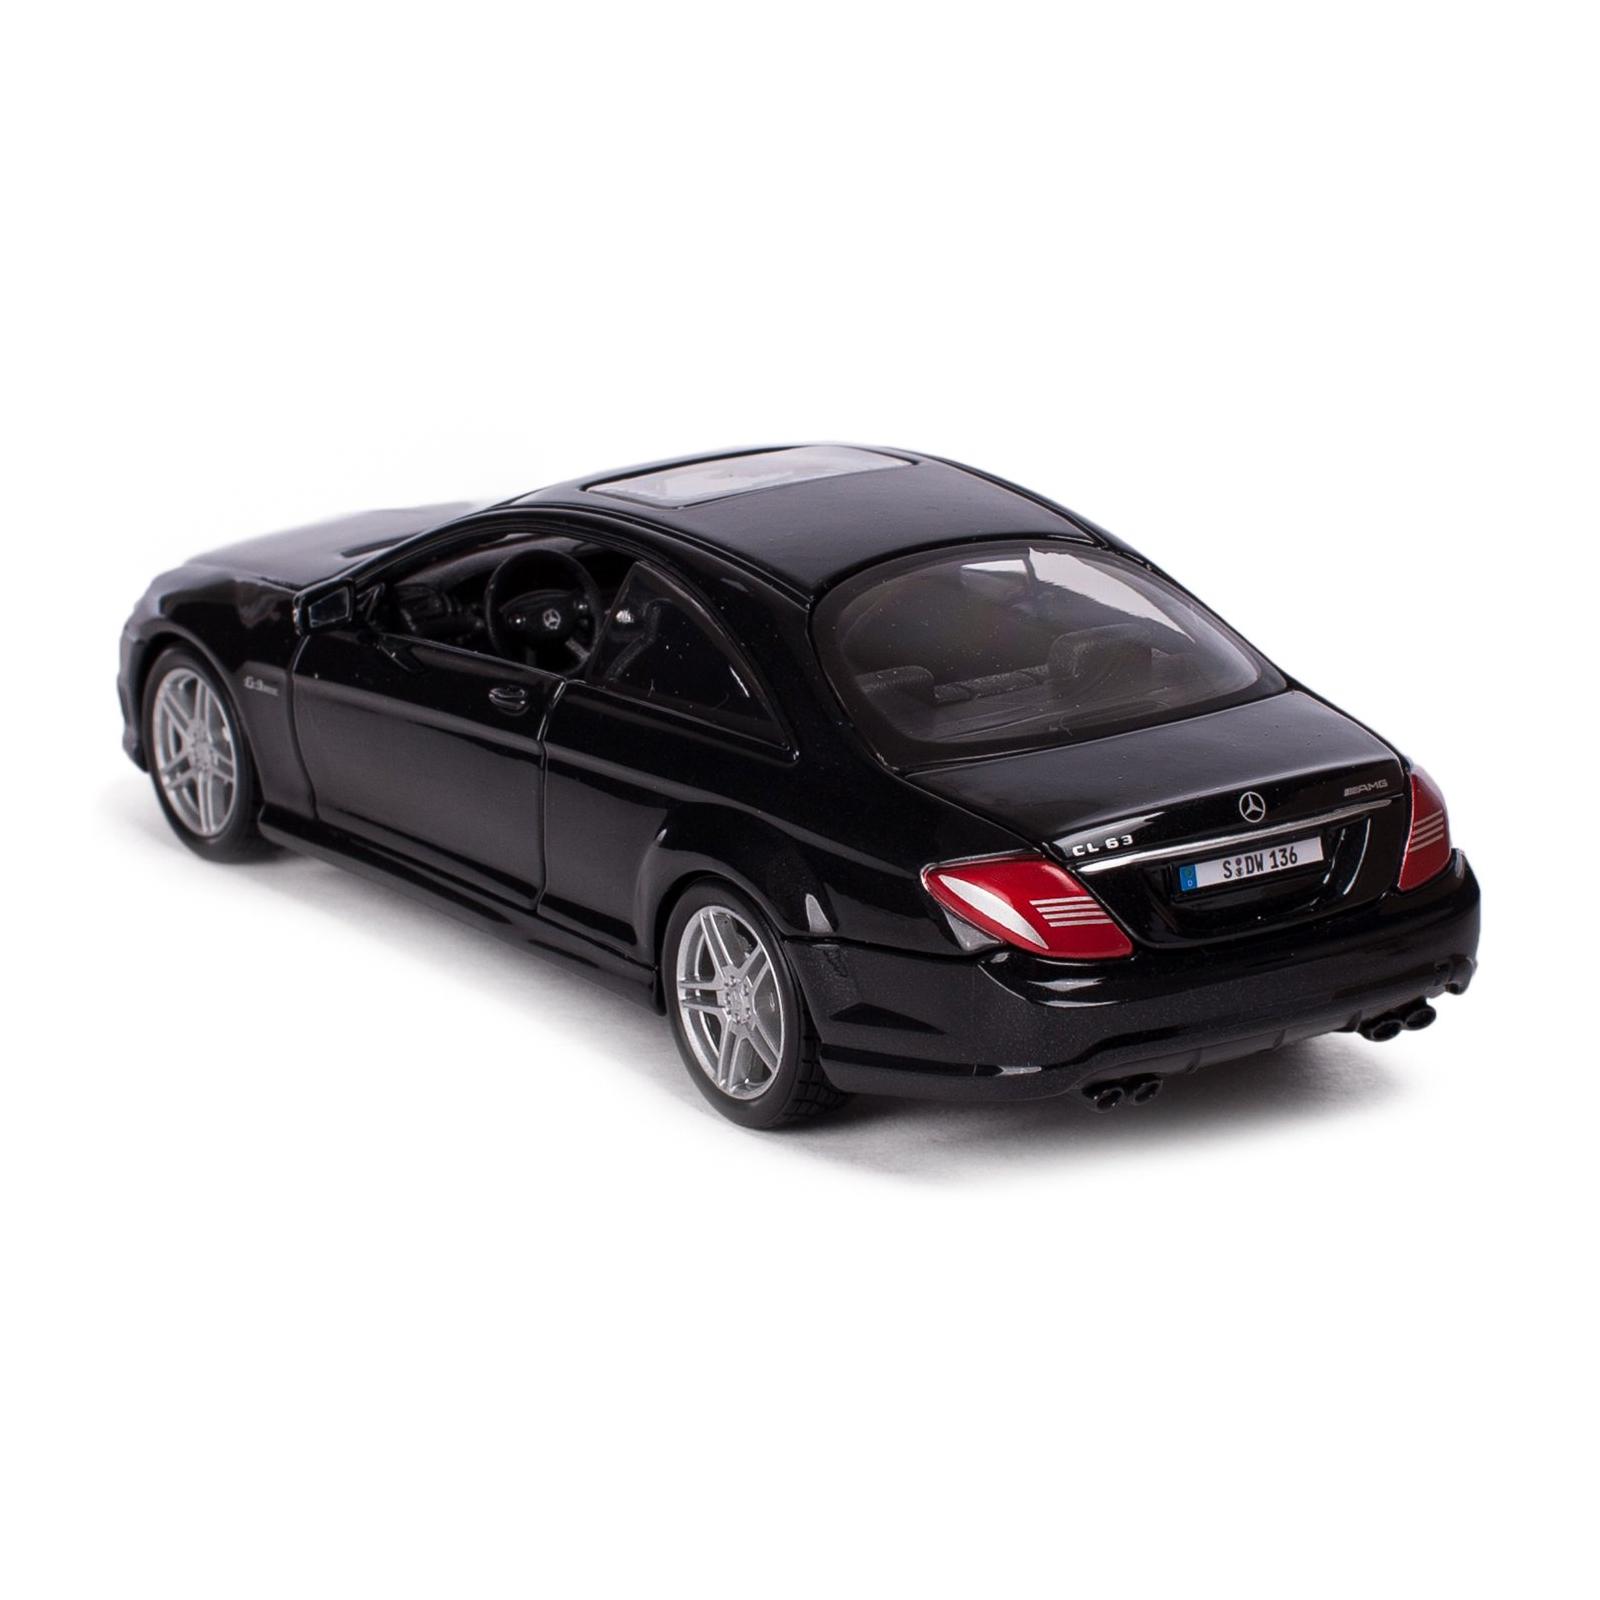 Машина Maisto Mercedes-Benz CL63 AMG (1:24) черный металлик (31297 met. black) изображение 2